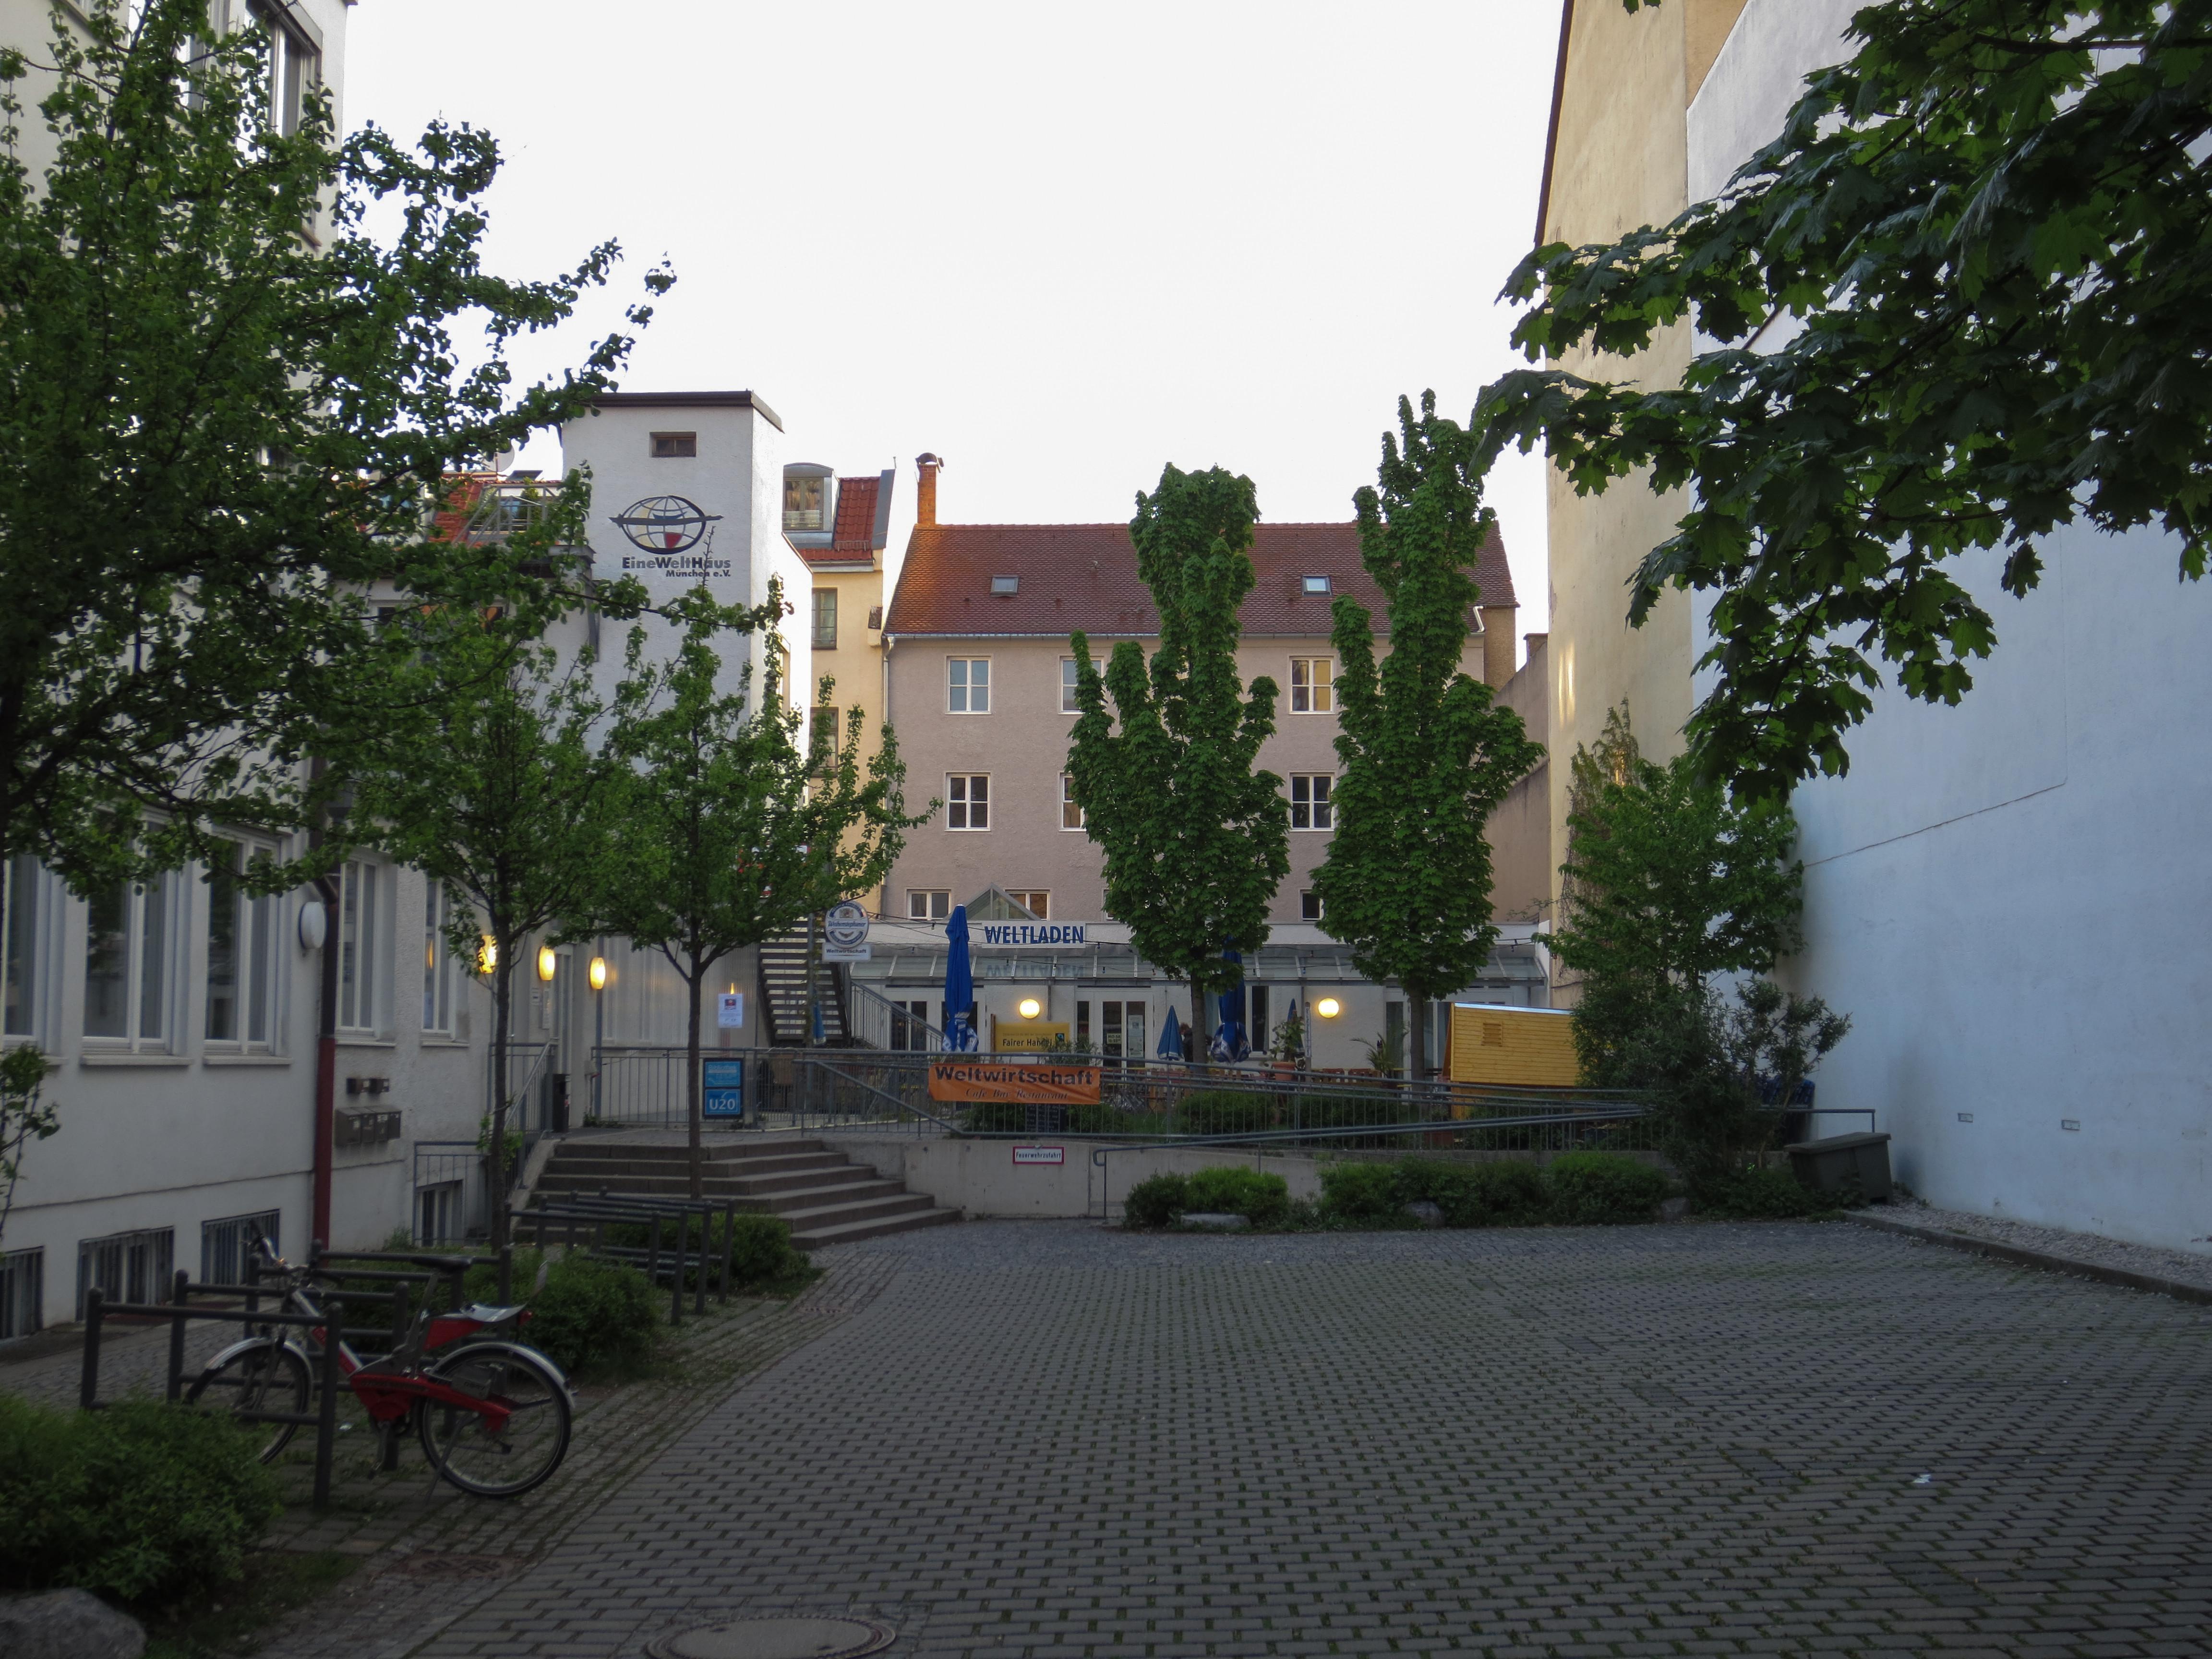 Eine Welt Haus München  File Eine Welt Haus München 010 Wikimedia mons